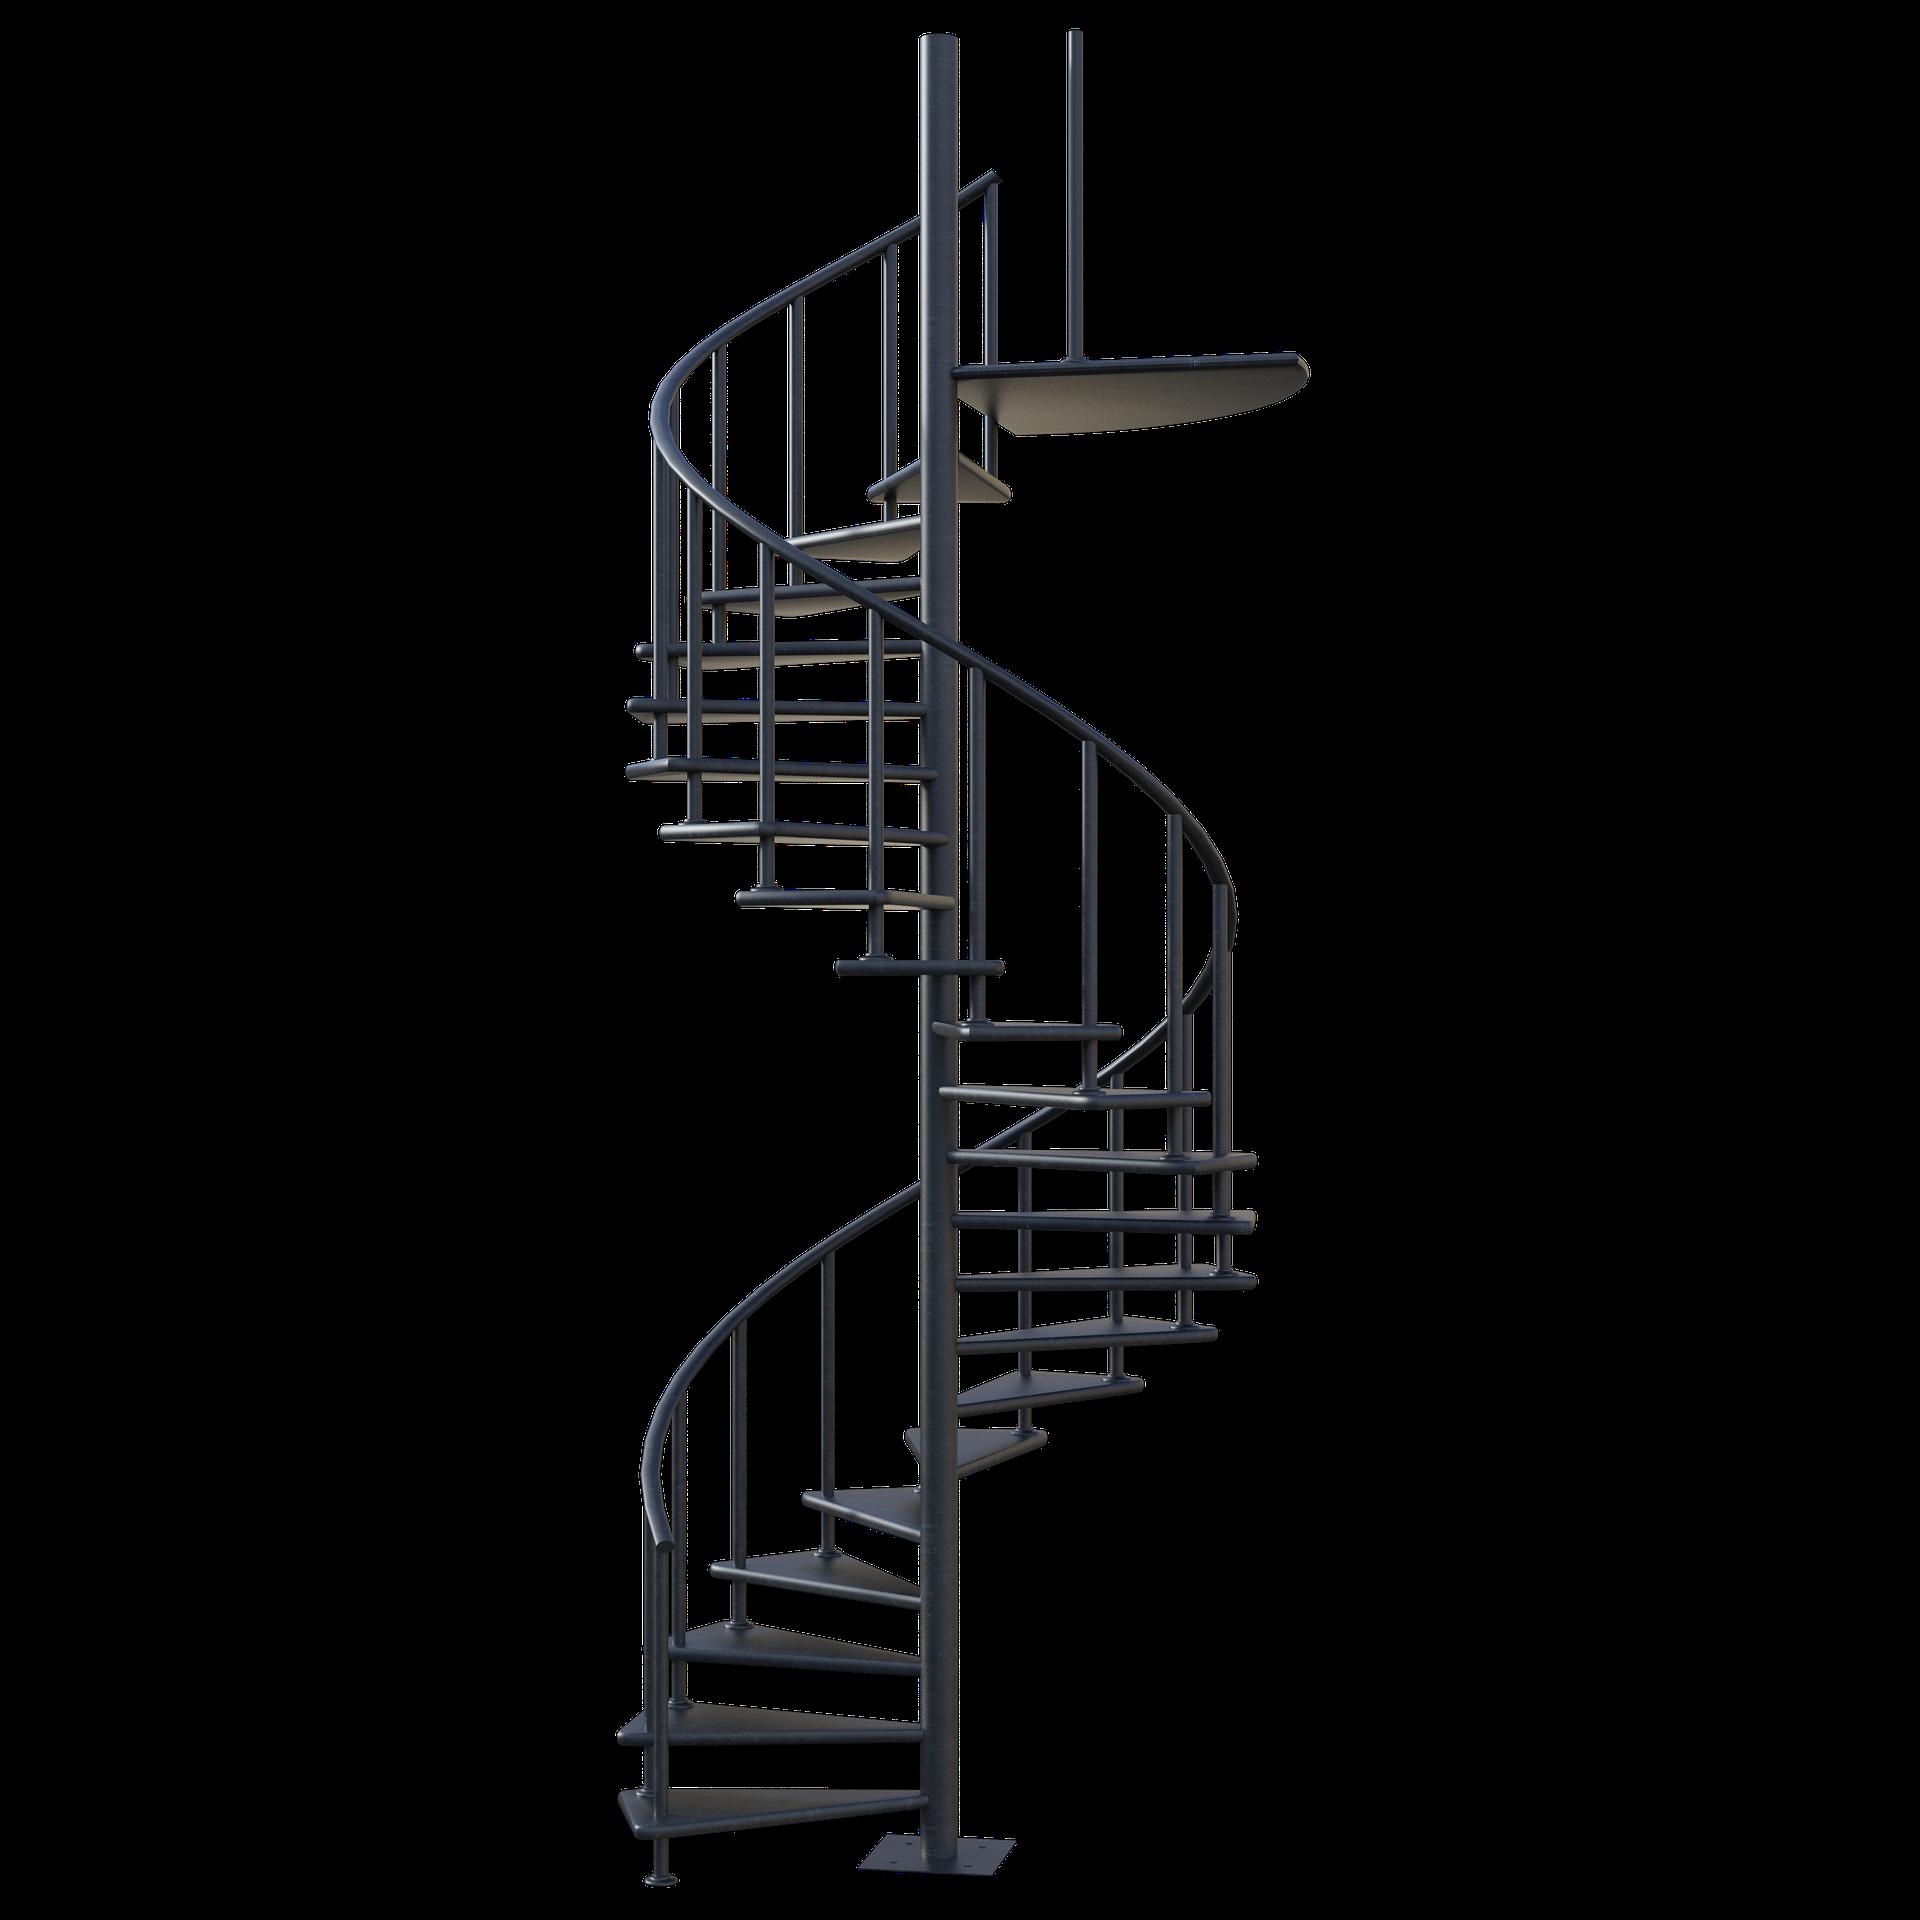 escalier spirale Sublimétal, ferronnier et métallier Toulouse